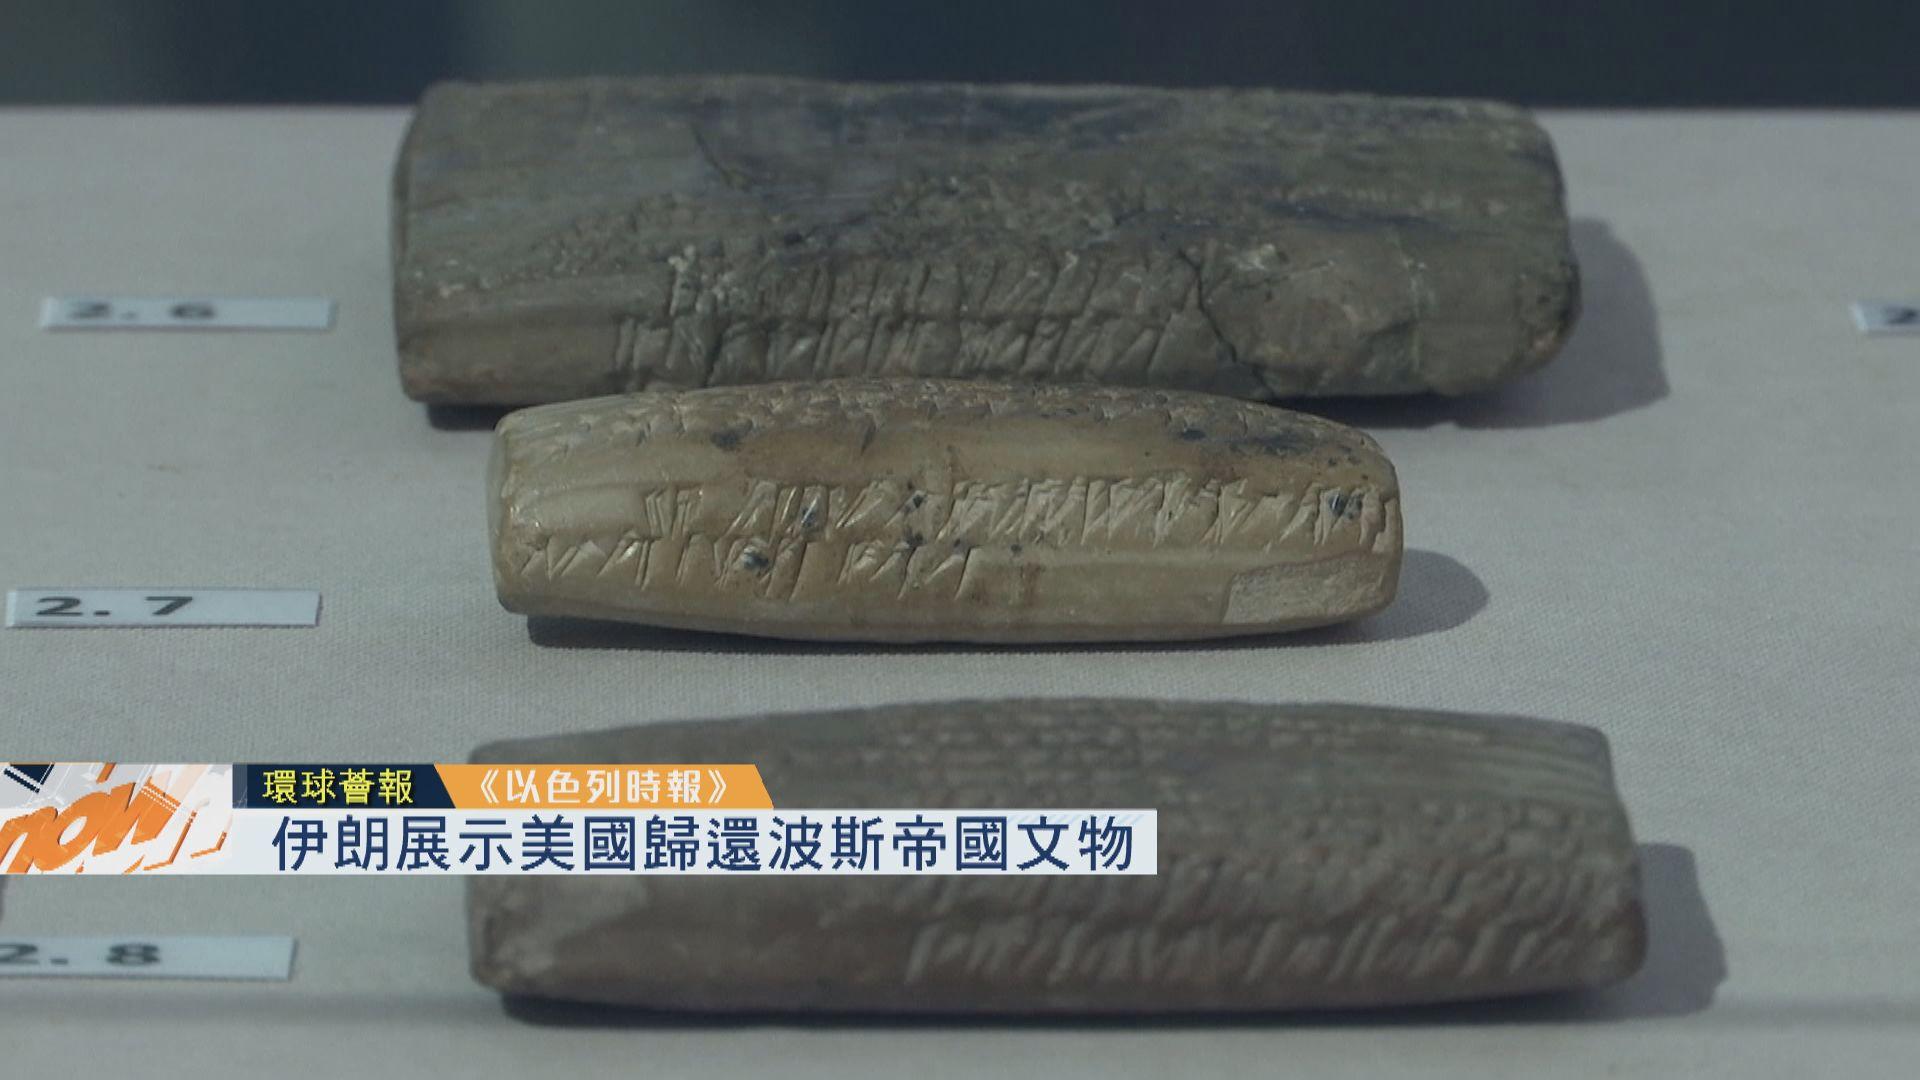 【環球薈報】伊朗展示美國歸還波斯帝國文物